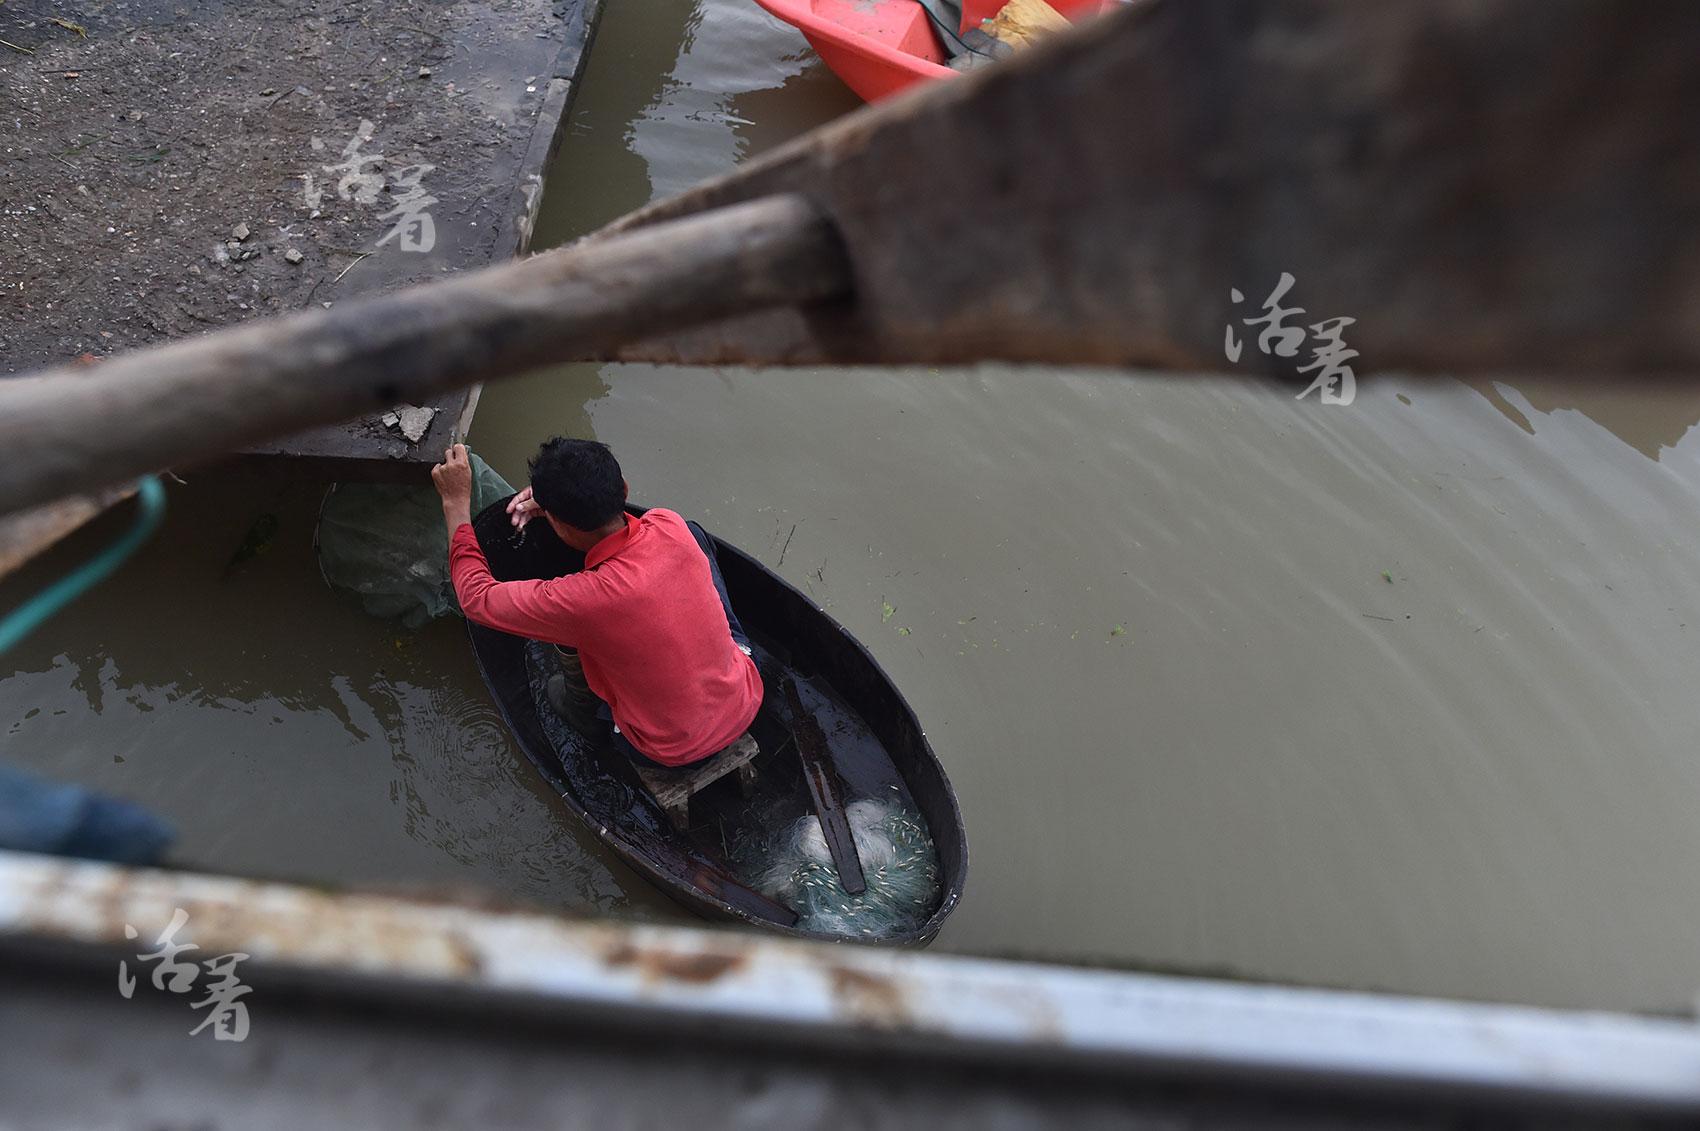 【活着】 留守在洪水中的家     摄影/江海  编辑/王崴  2016-07-13 - 海阔山遥 - .